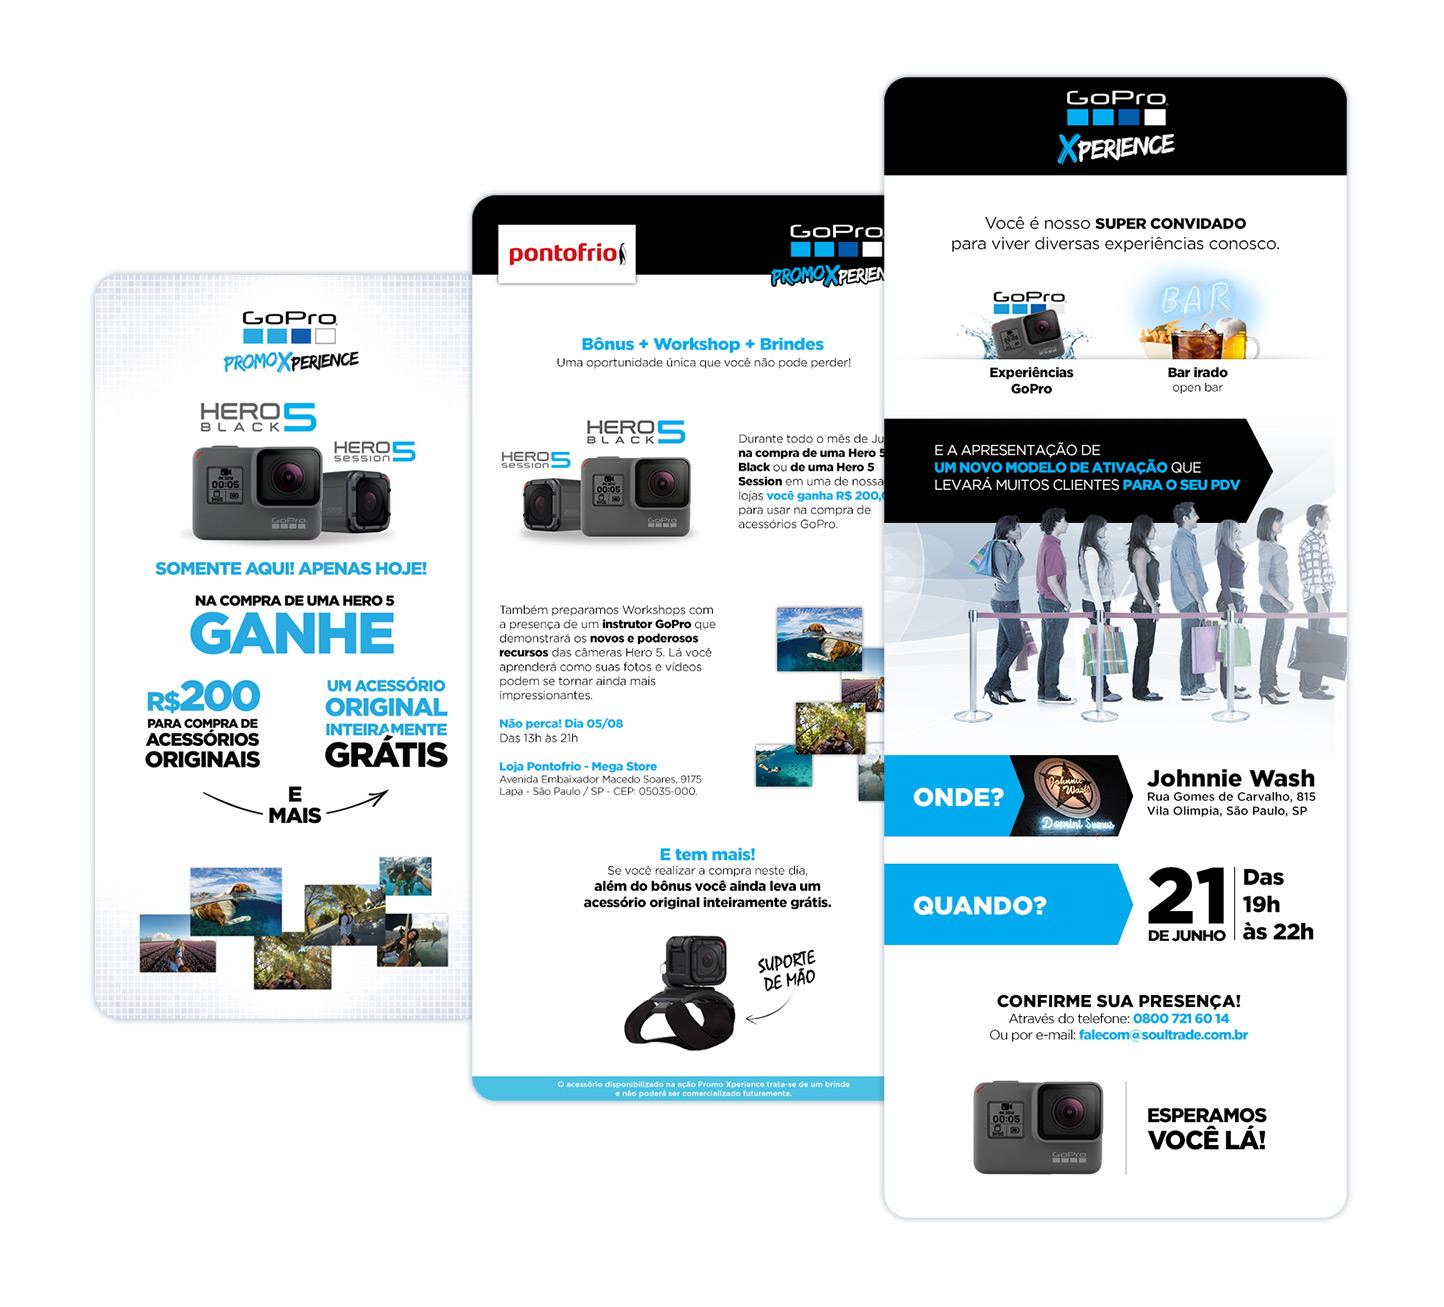 Campanhas de lançamento e ativação GoPro